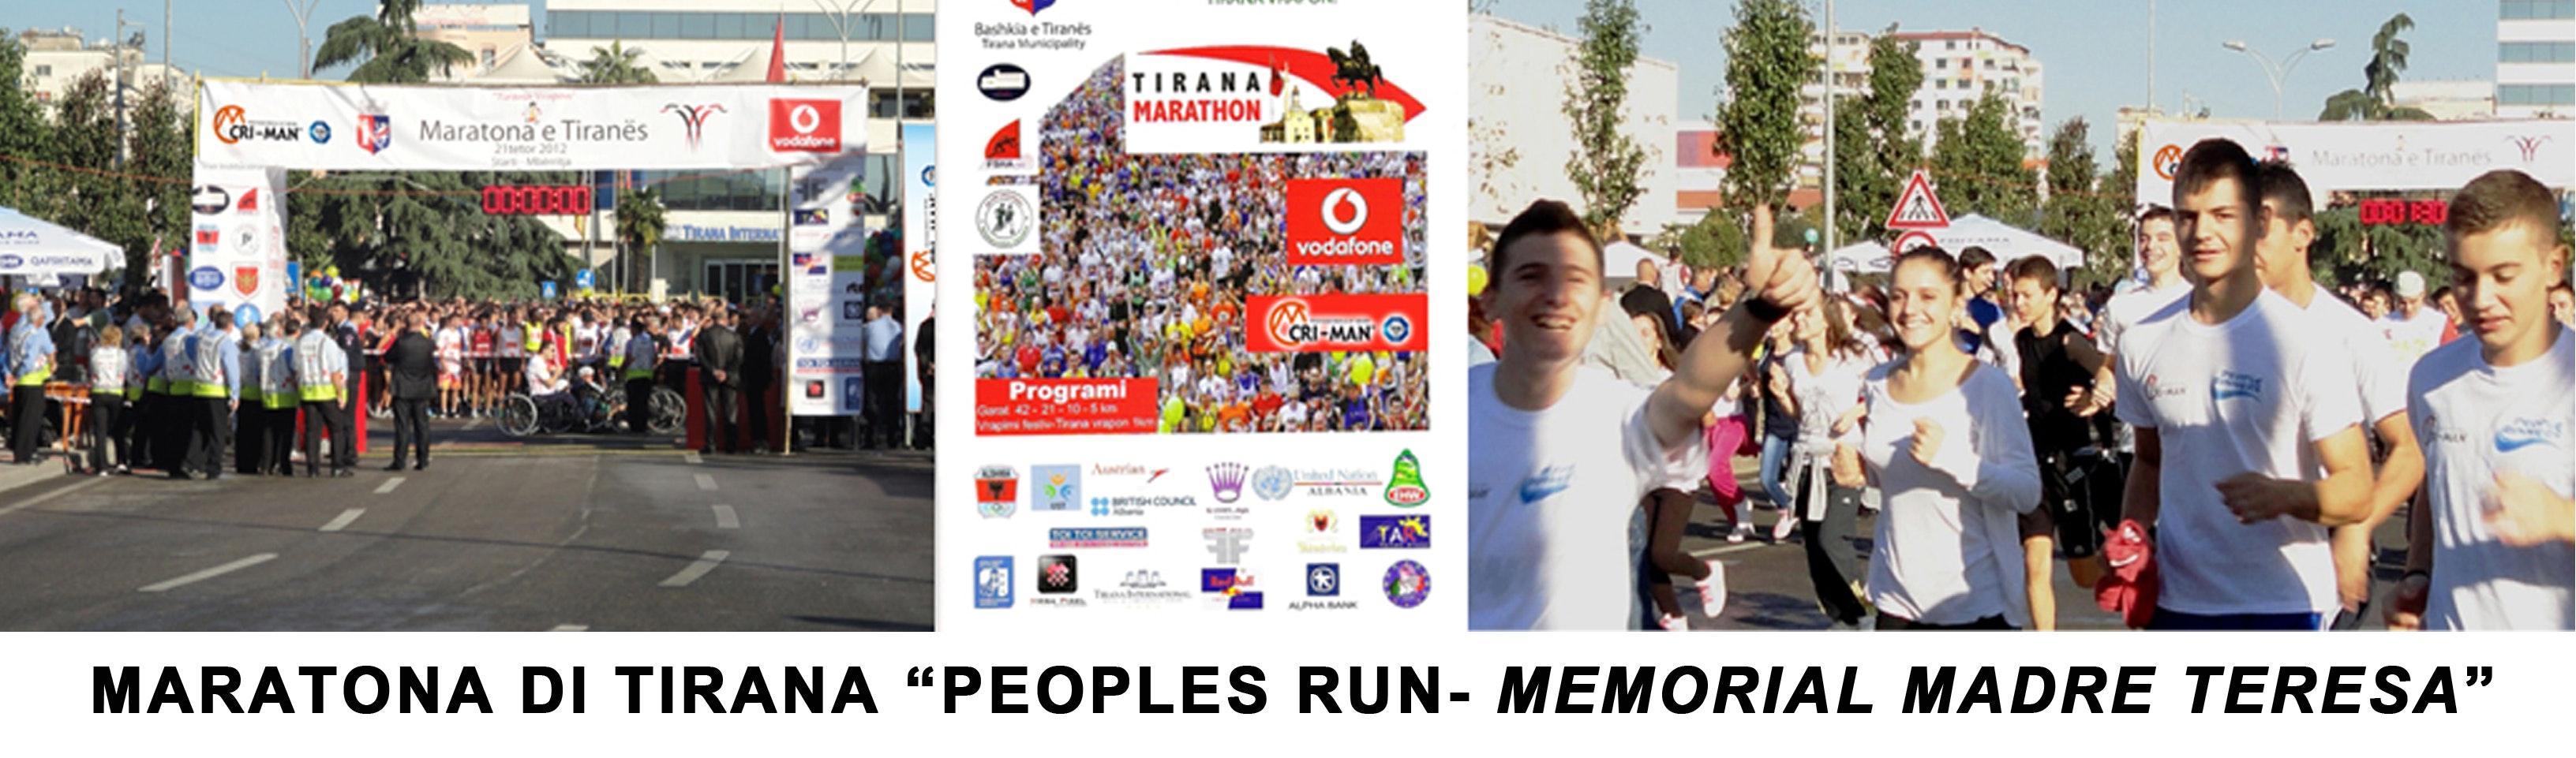 1464955268669916 maratona def